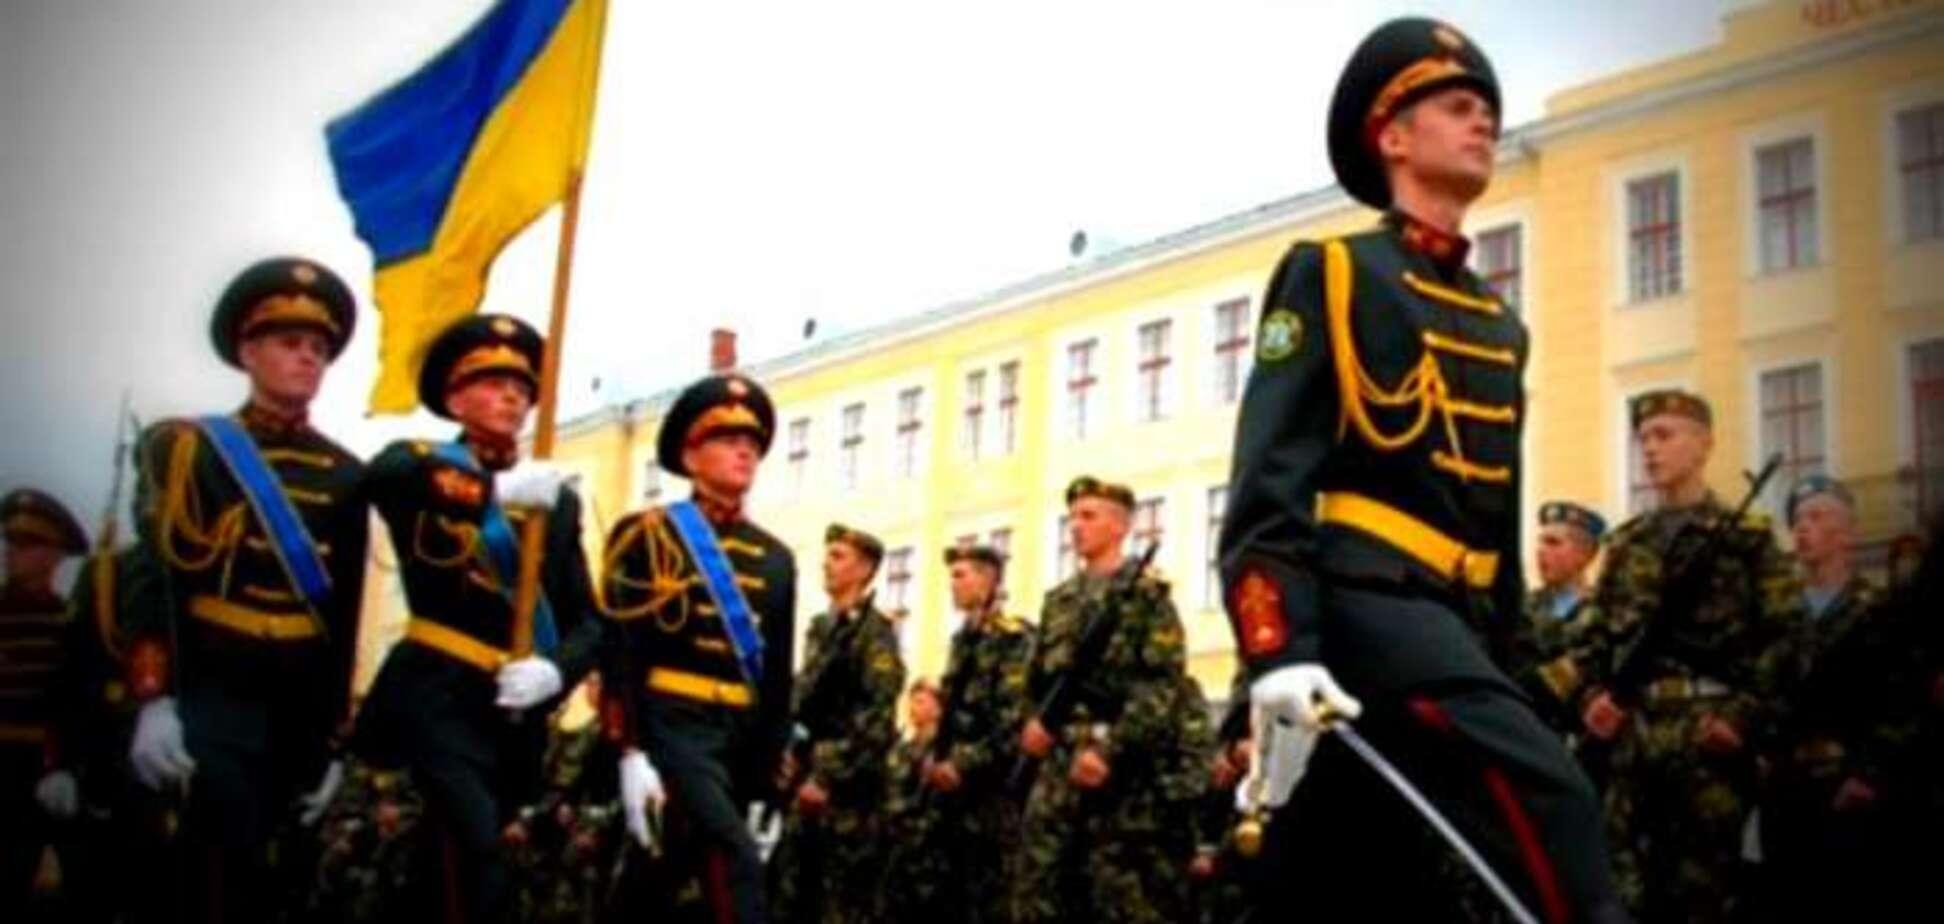 'Слава Україні!': від рудиментів радянської армії треба позбавлятися